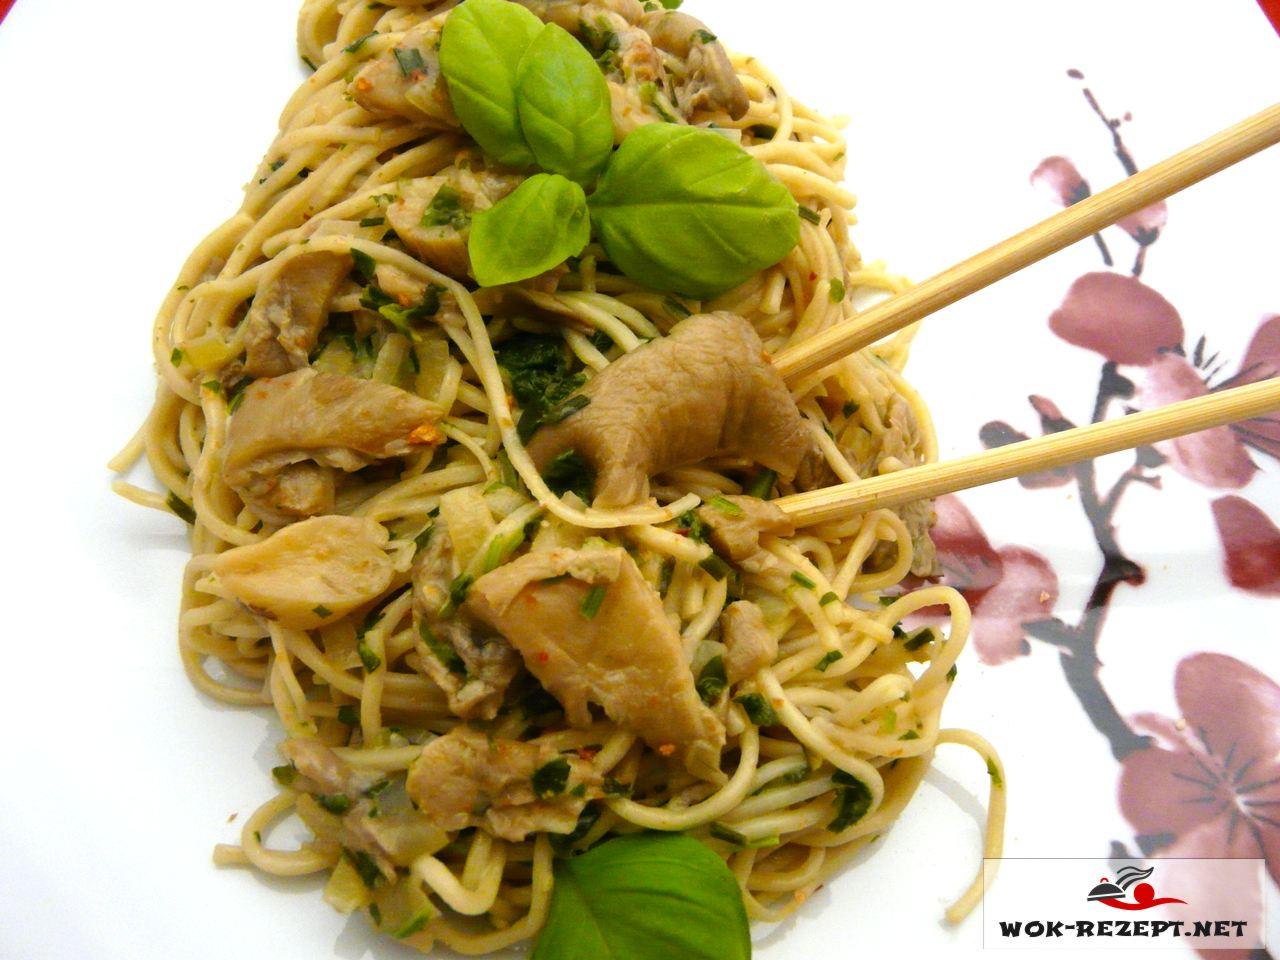 Asia Eiernudeln vegetarisch mit Austernpilzen in Kokosmilch.